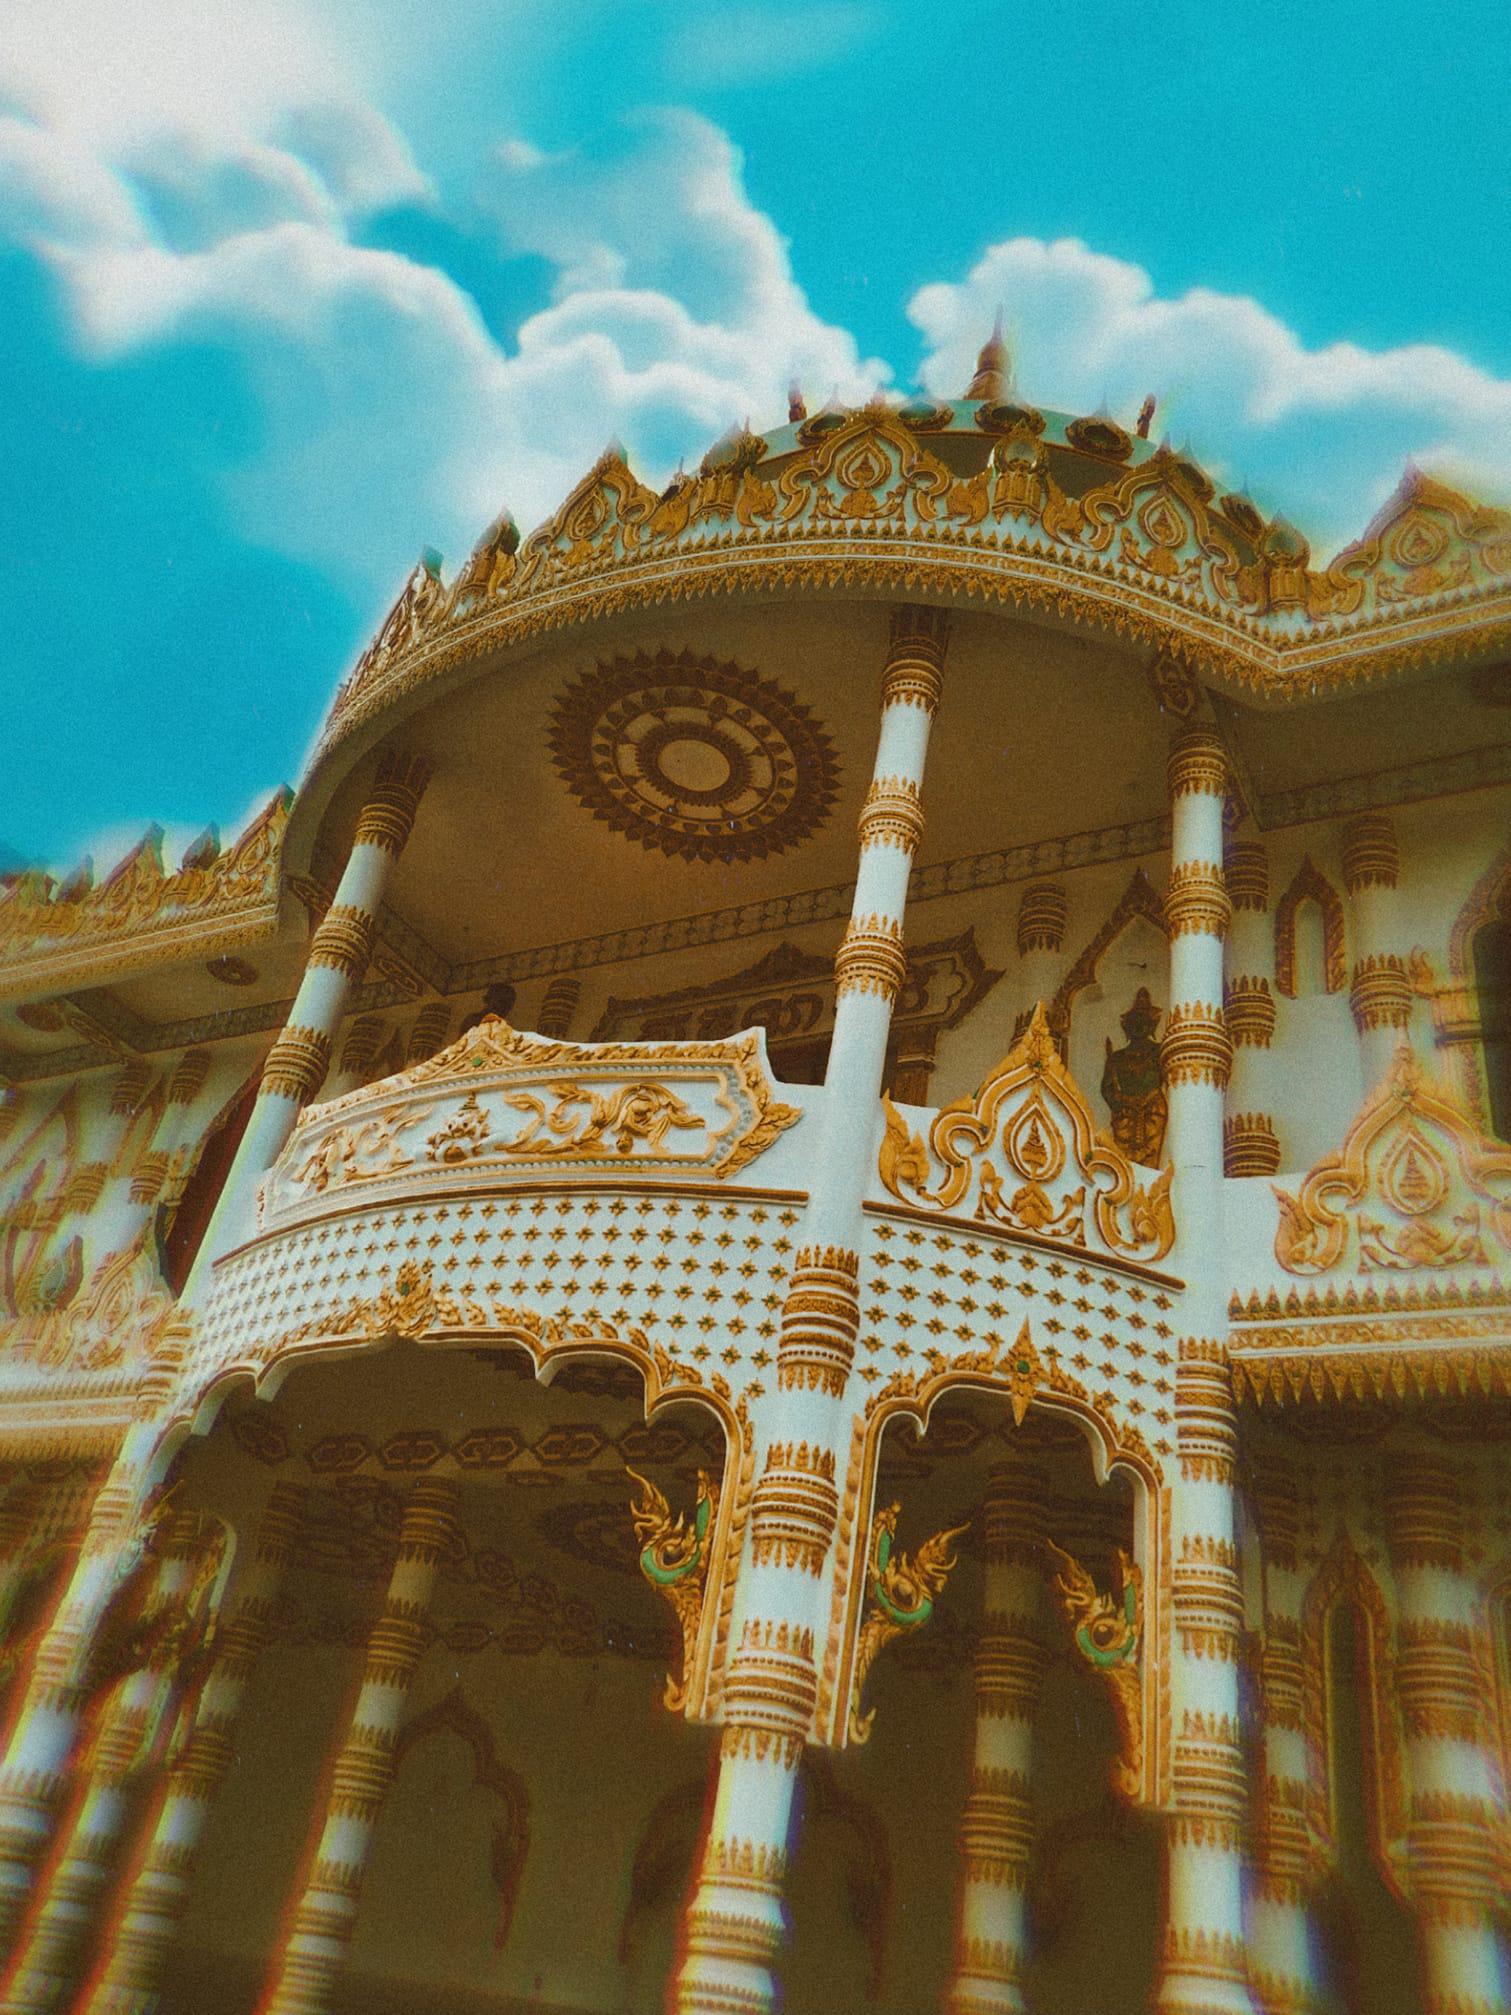 """Độc đáo ngôi chùa """"Thái Lan"""" đang sốt rần rần ở tỉnh Sóc Trăng - Ảnh 9."""